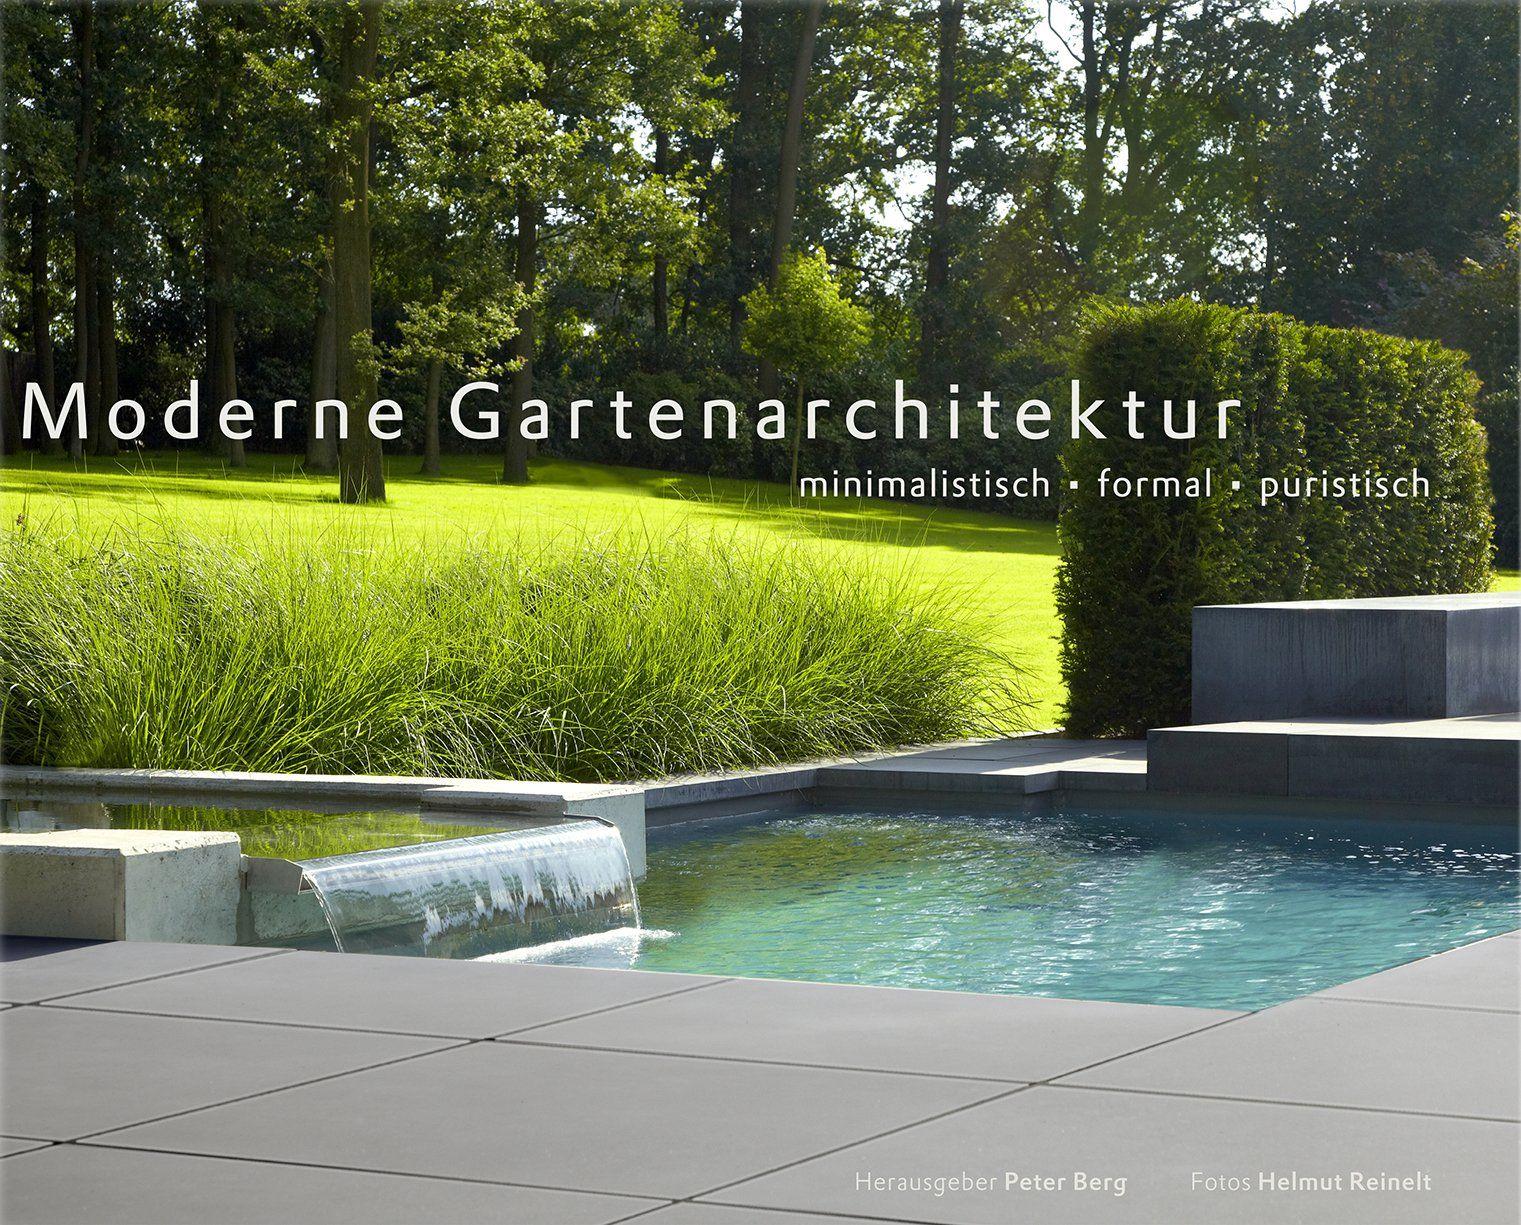 Moderne gartenarchitektur minimalistisch formal for Raumgestaltung rosenheim